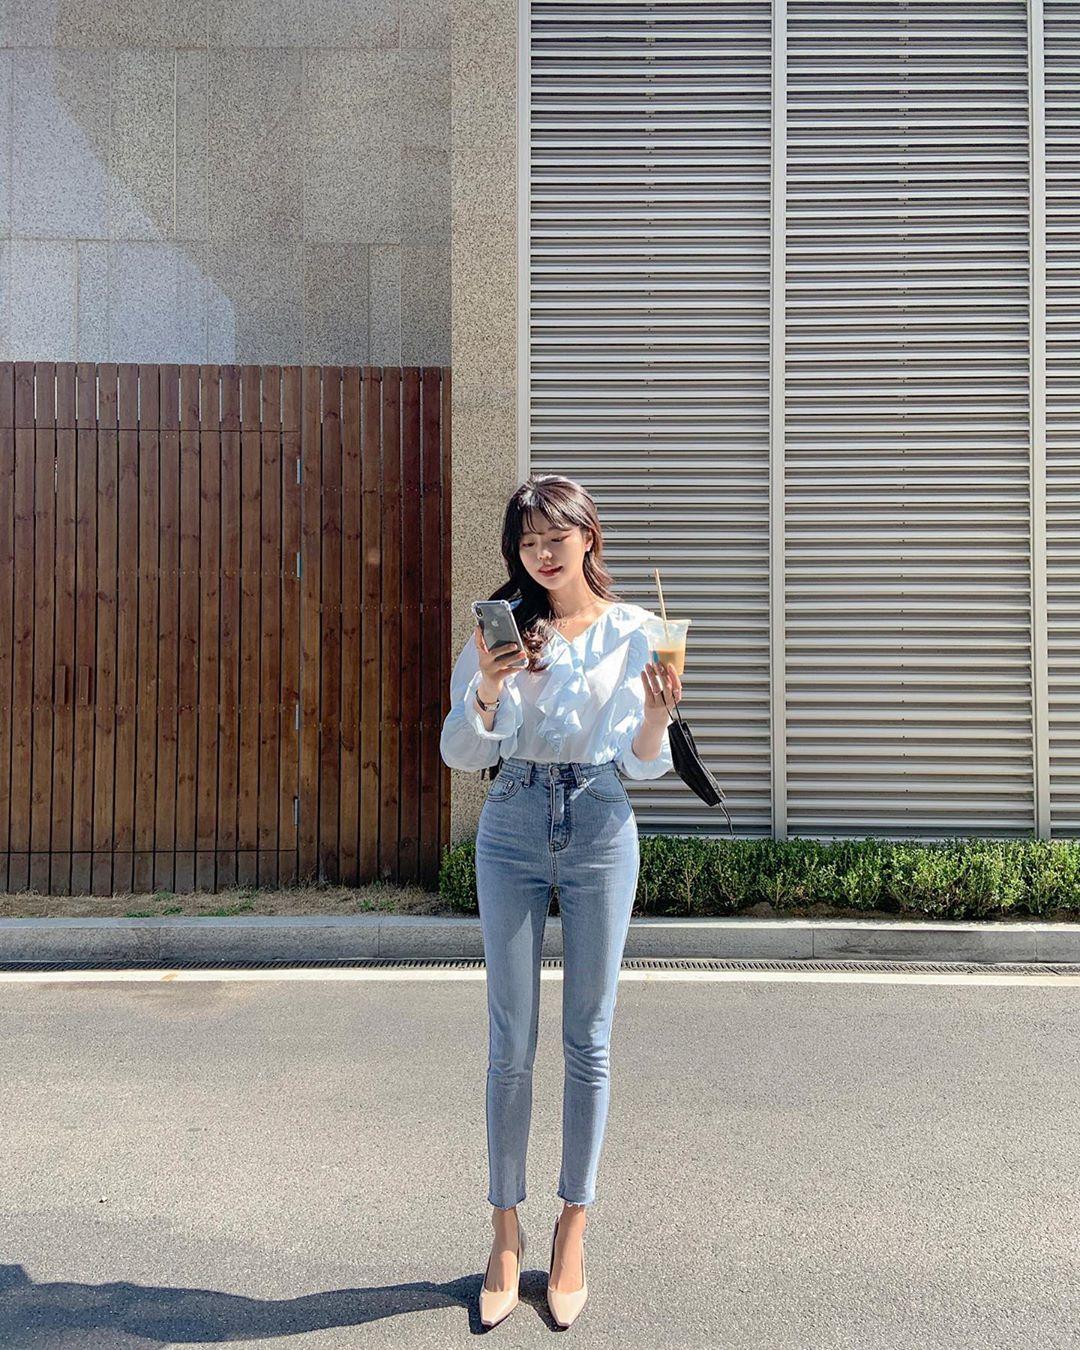 Quý cô chuyên diện quần skinny jeans gợi ý 3 kiểu giày dép kết hợp siêu ăn ý, lại còn kéo chân dài vô địch - Ảnh 8.